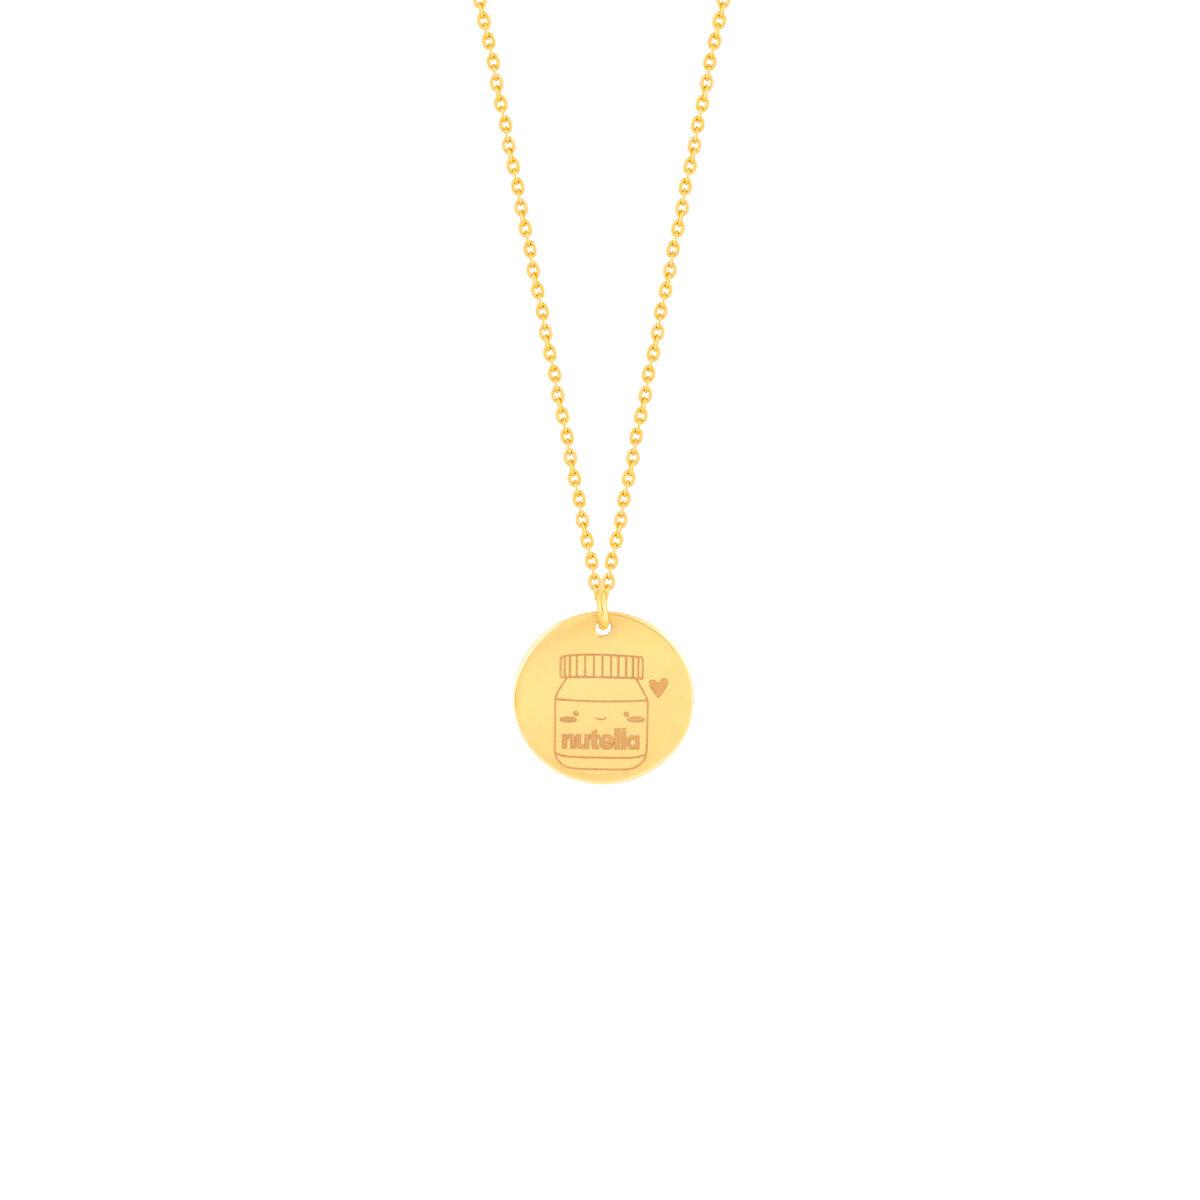 گردنبند طلا Nutella